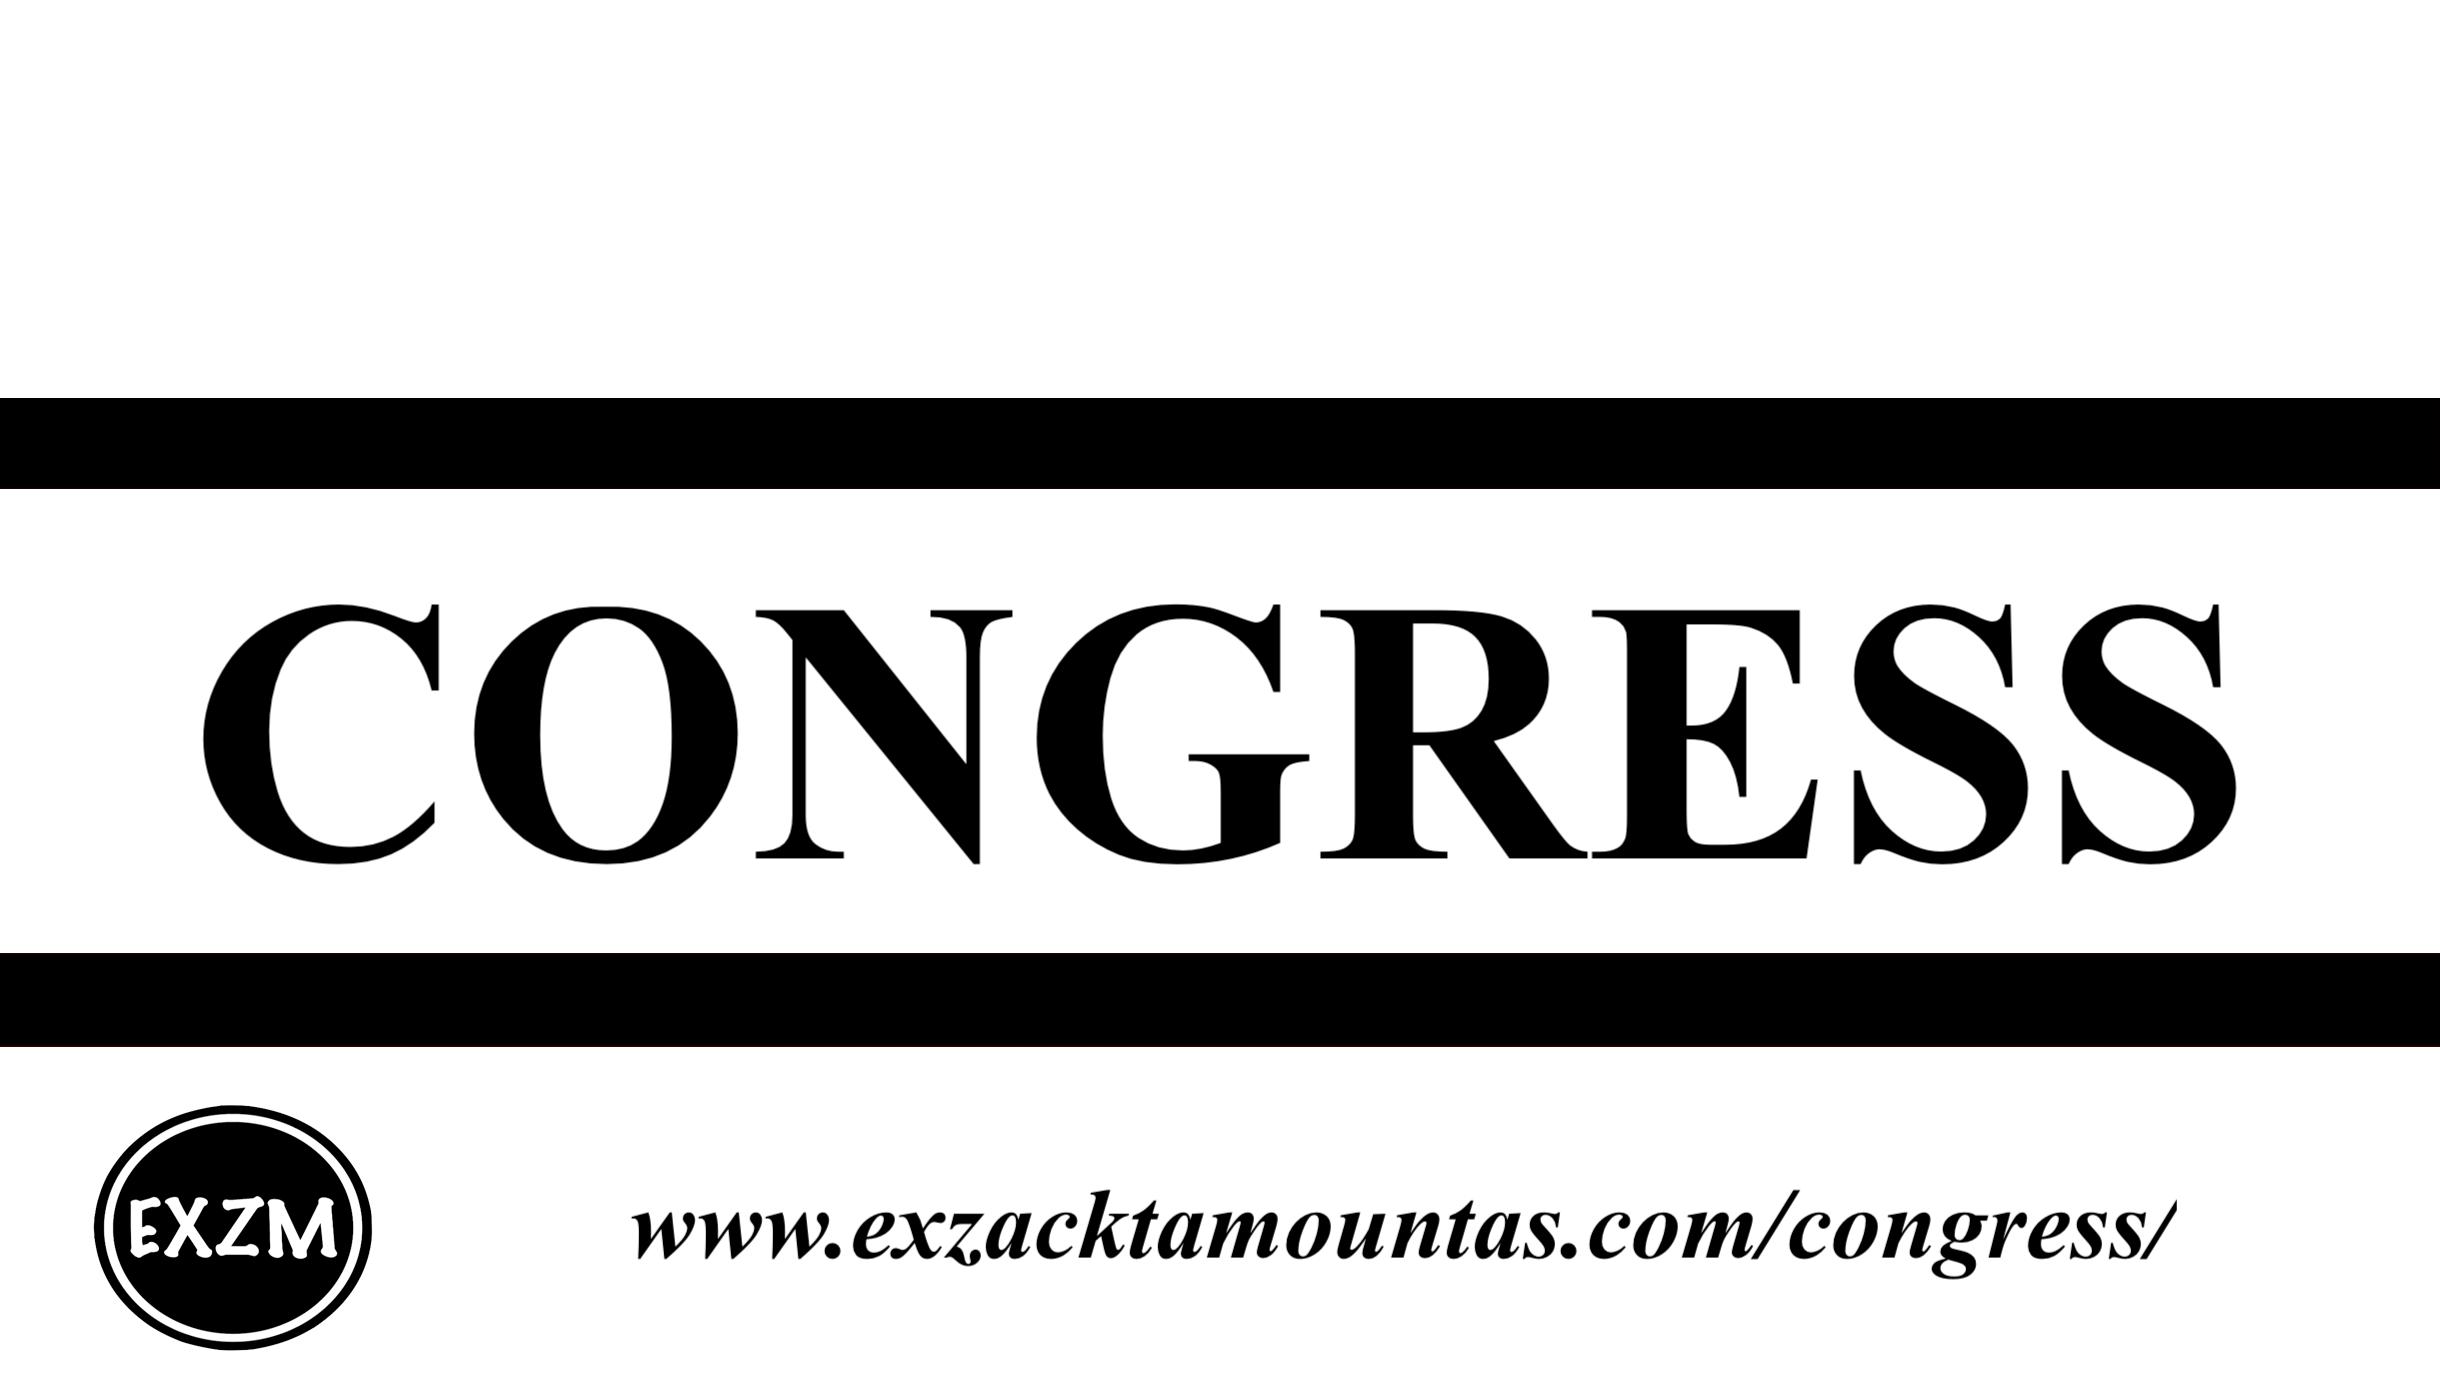 Congress EXZM 10 2 2019